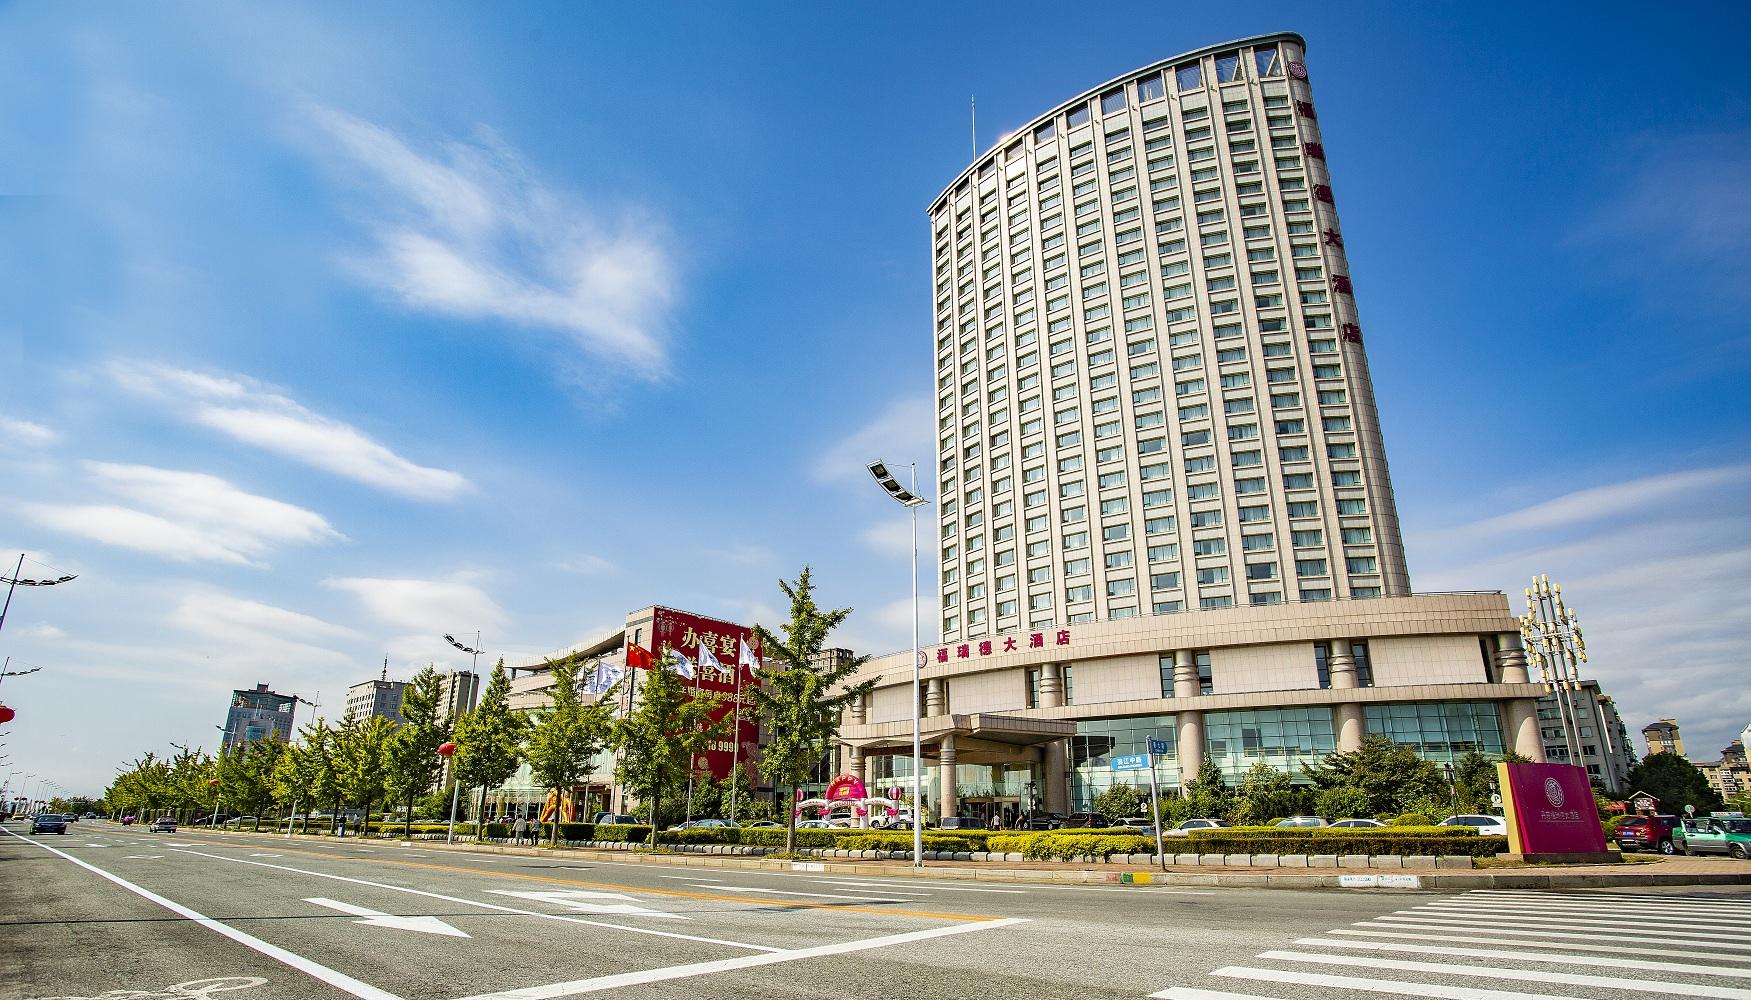 10.丹东福瑞德大酒店.jpg